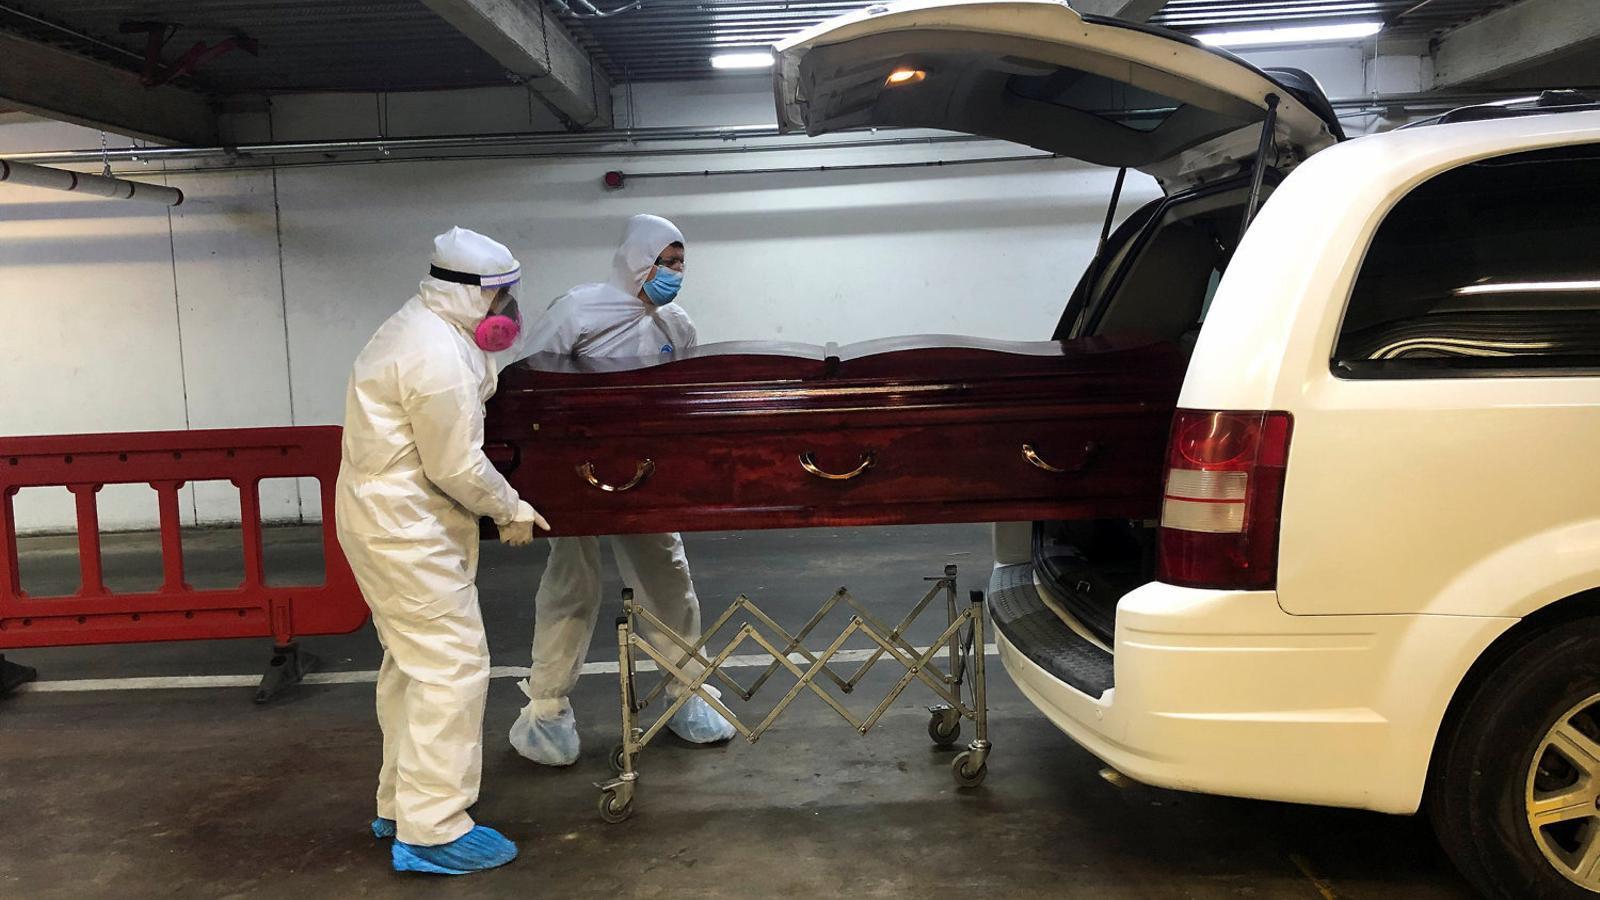 Dos treballadors dels serveis funeraris de Santiago de Xile traslladant el taüt d'una víctima del covid-19.